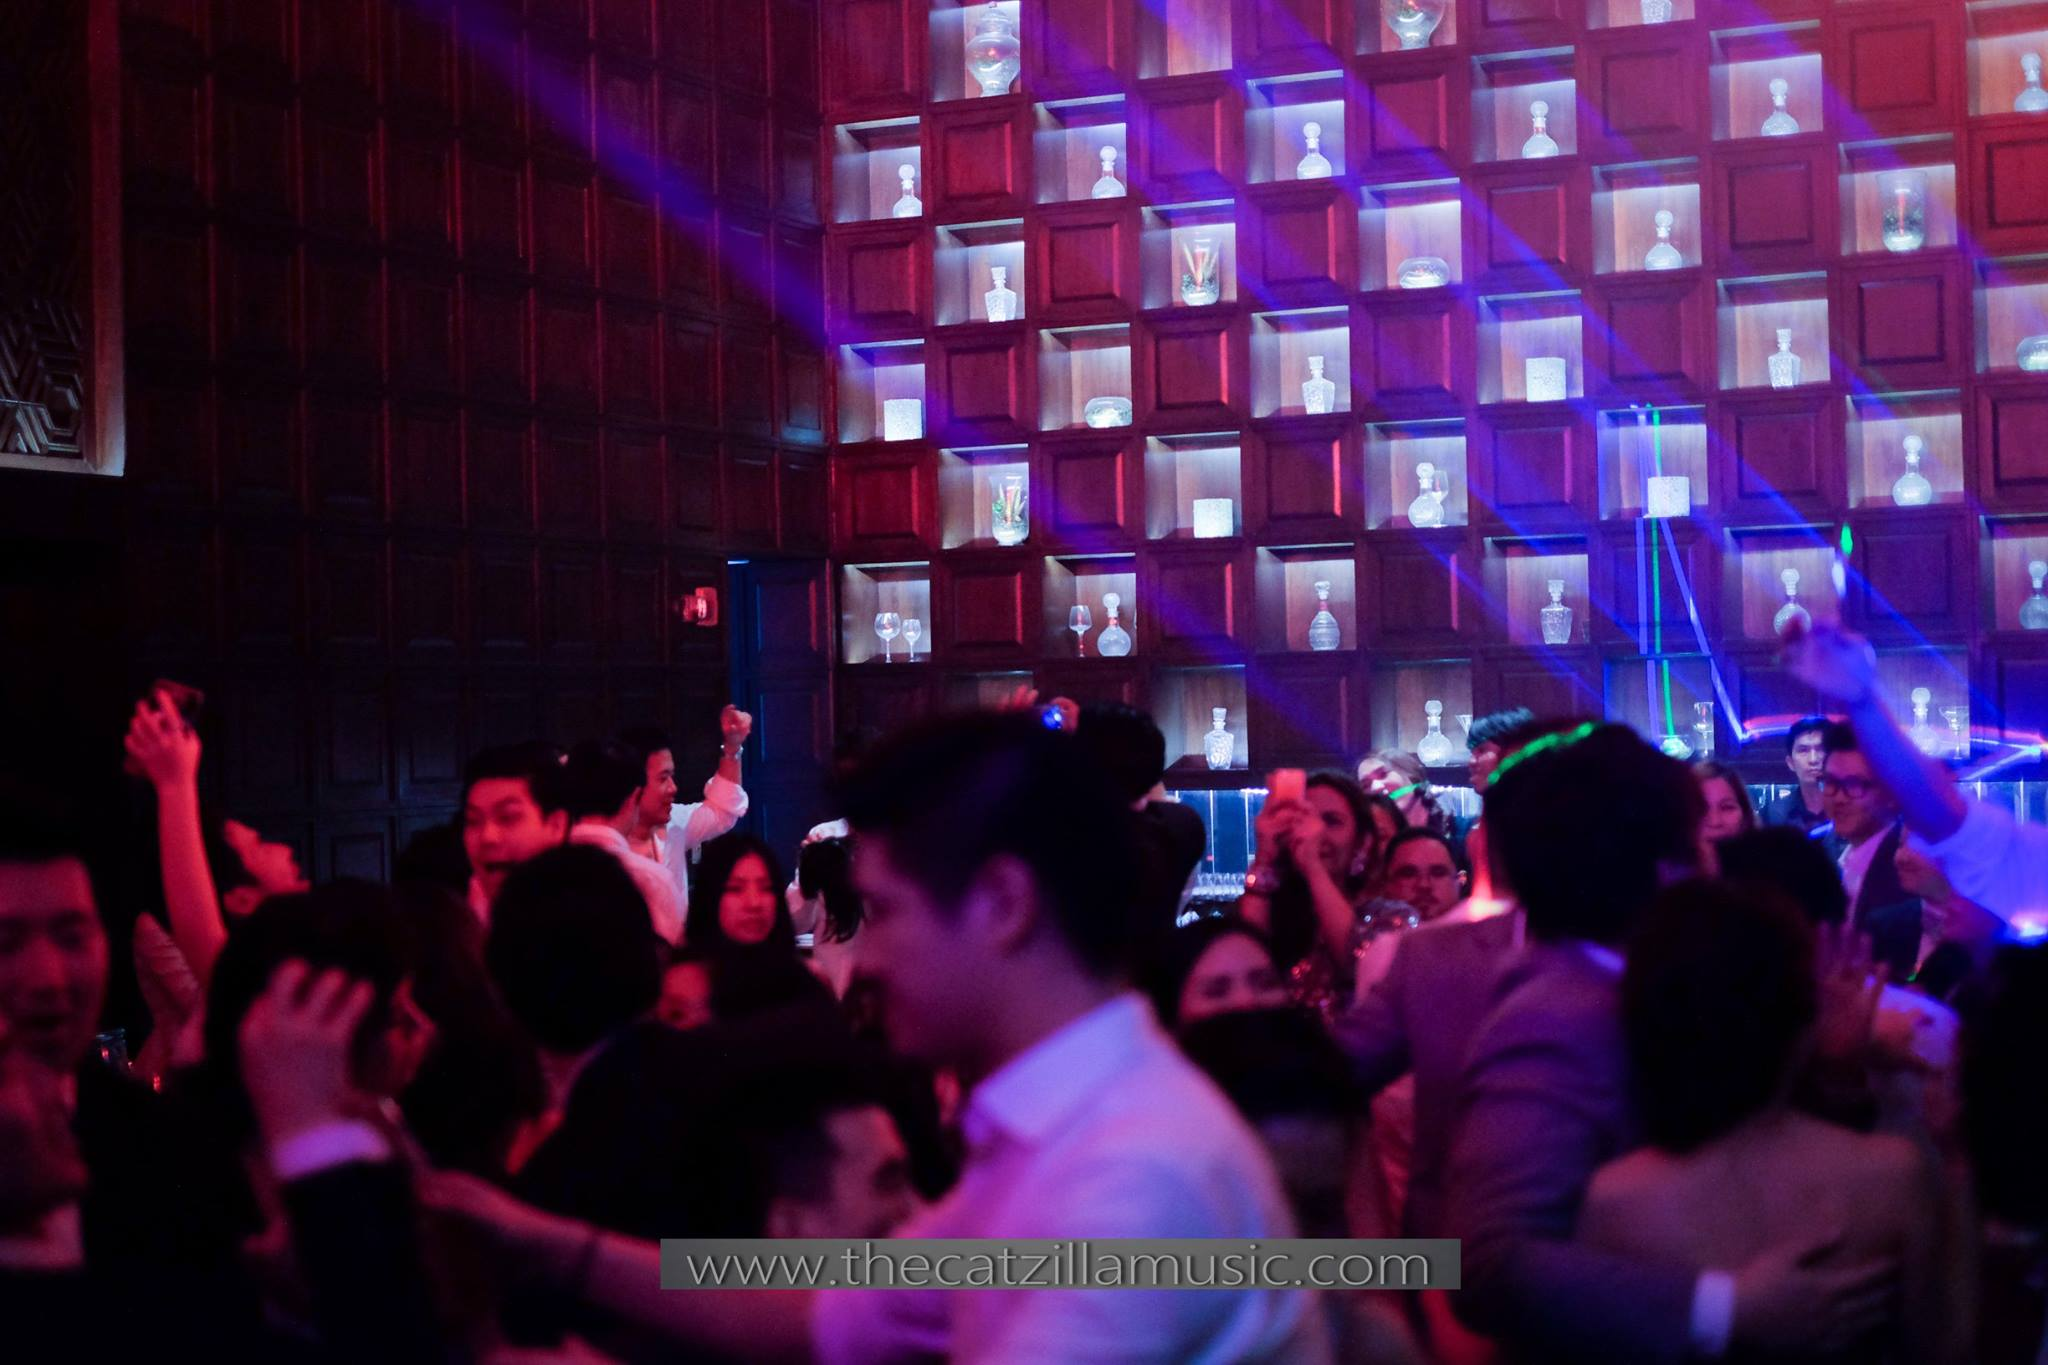 วงดนตรีงานแต่งงาน After Party Wedding บุ๋นแบนด์ Catzilla JW Marriot Hotel